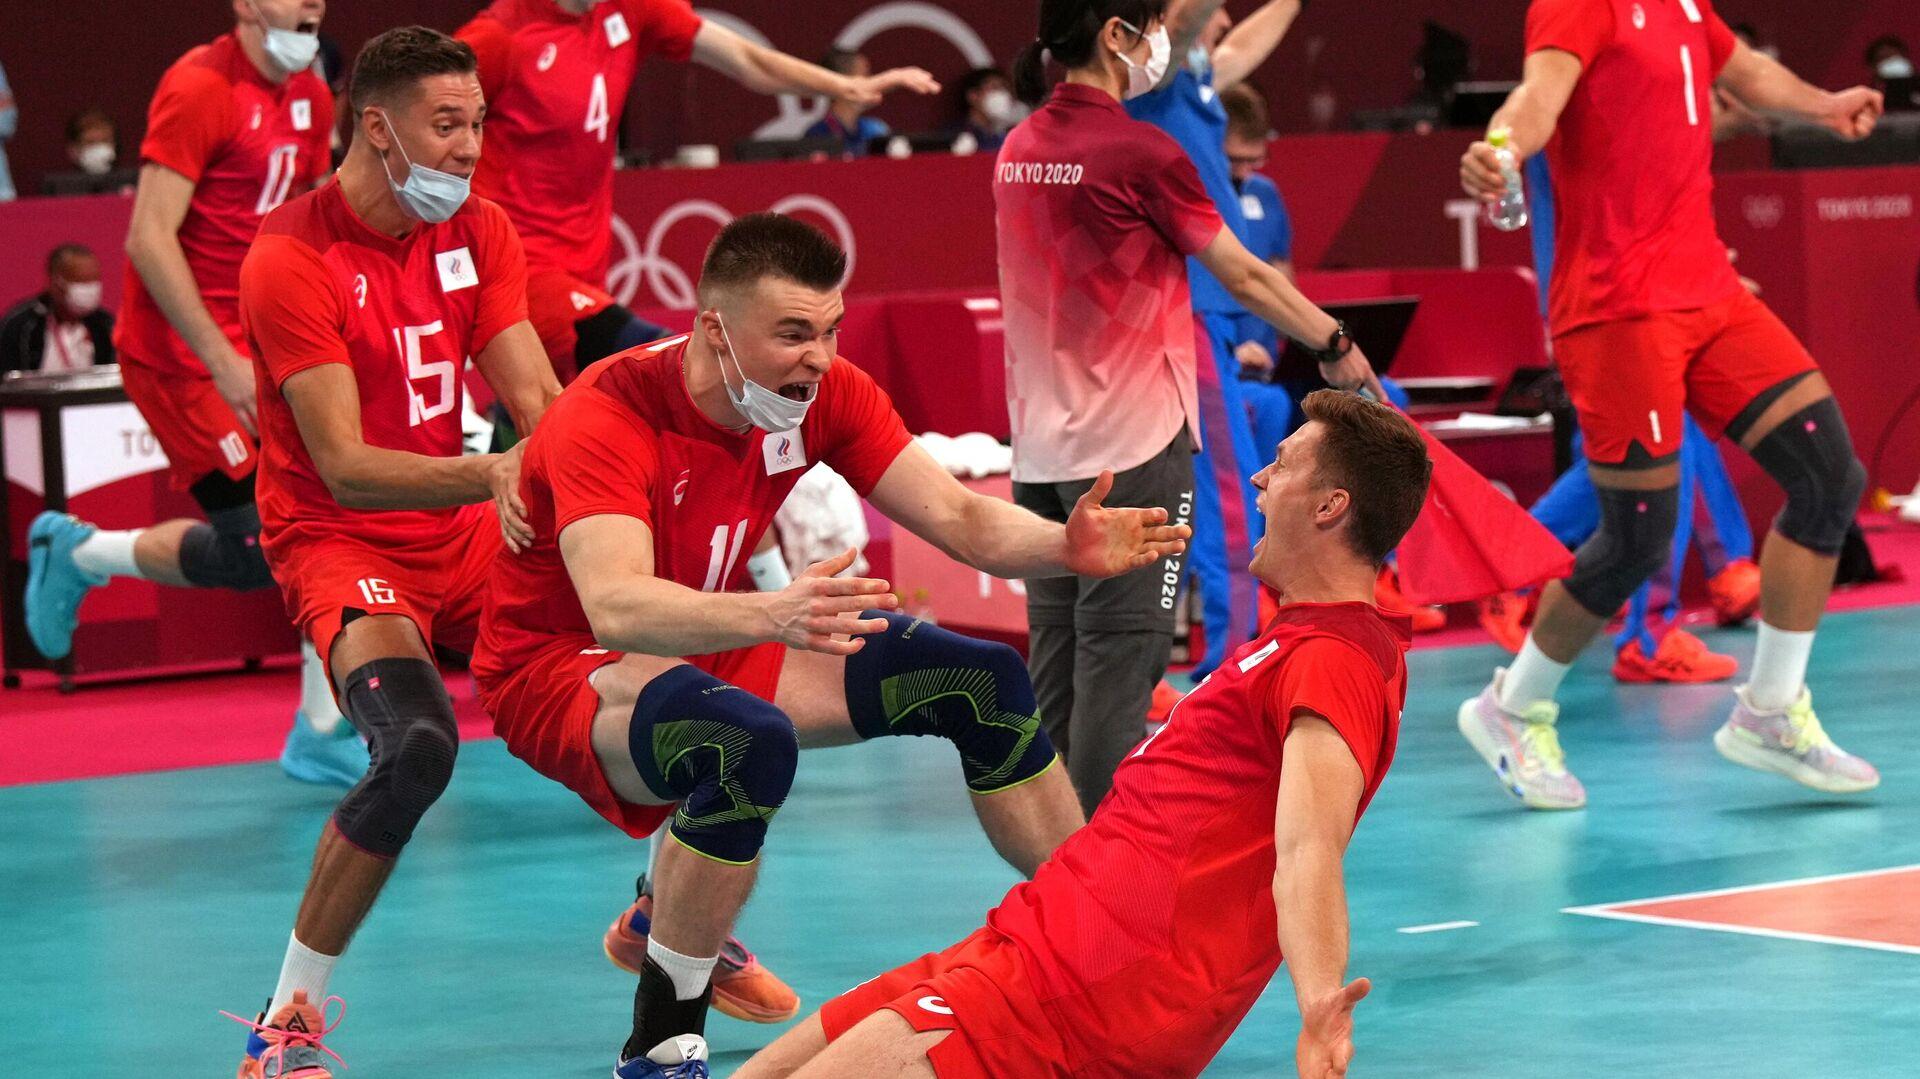 Российские волейболисты радуются победе в полуфинальном матче соревнований по волейболу среди мужчин между сборными Бразилии и Олимпийского комитета России на XXXII летних Олимпийских играх в Токио - РИА Новости, 1920, 05.08.2021